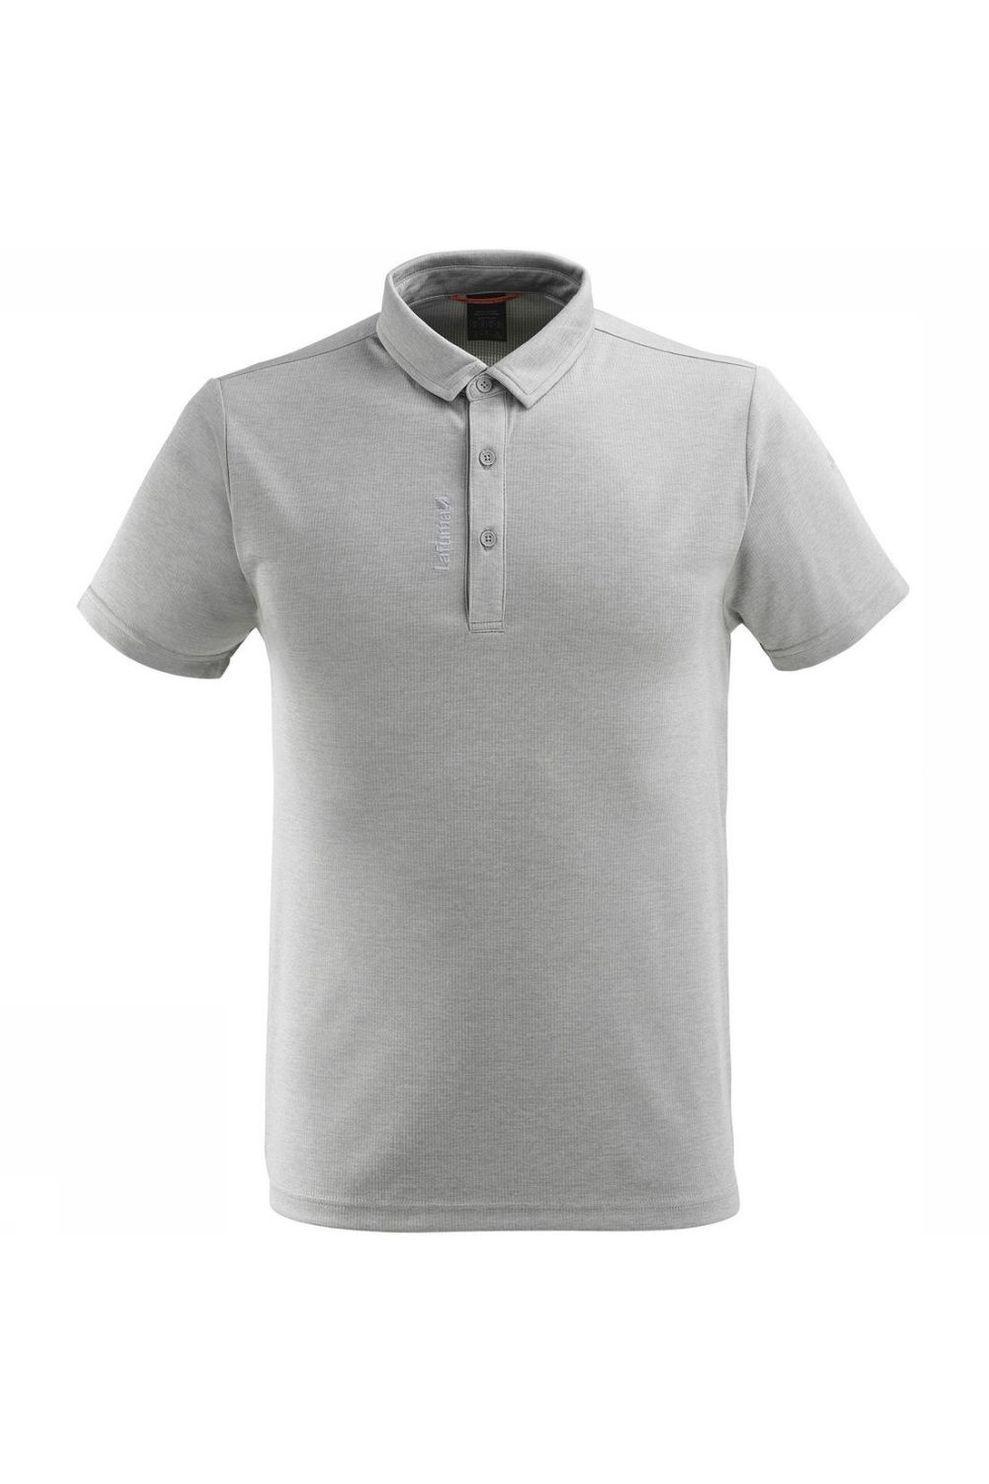 Lafuma Polo Shift voor heren - Grijs - Maten: S, M, L, XL